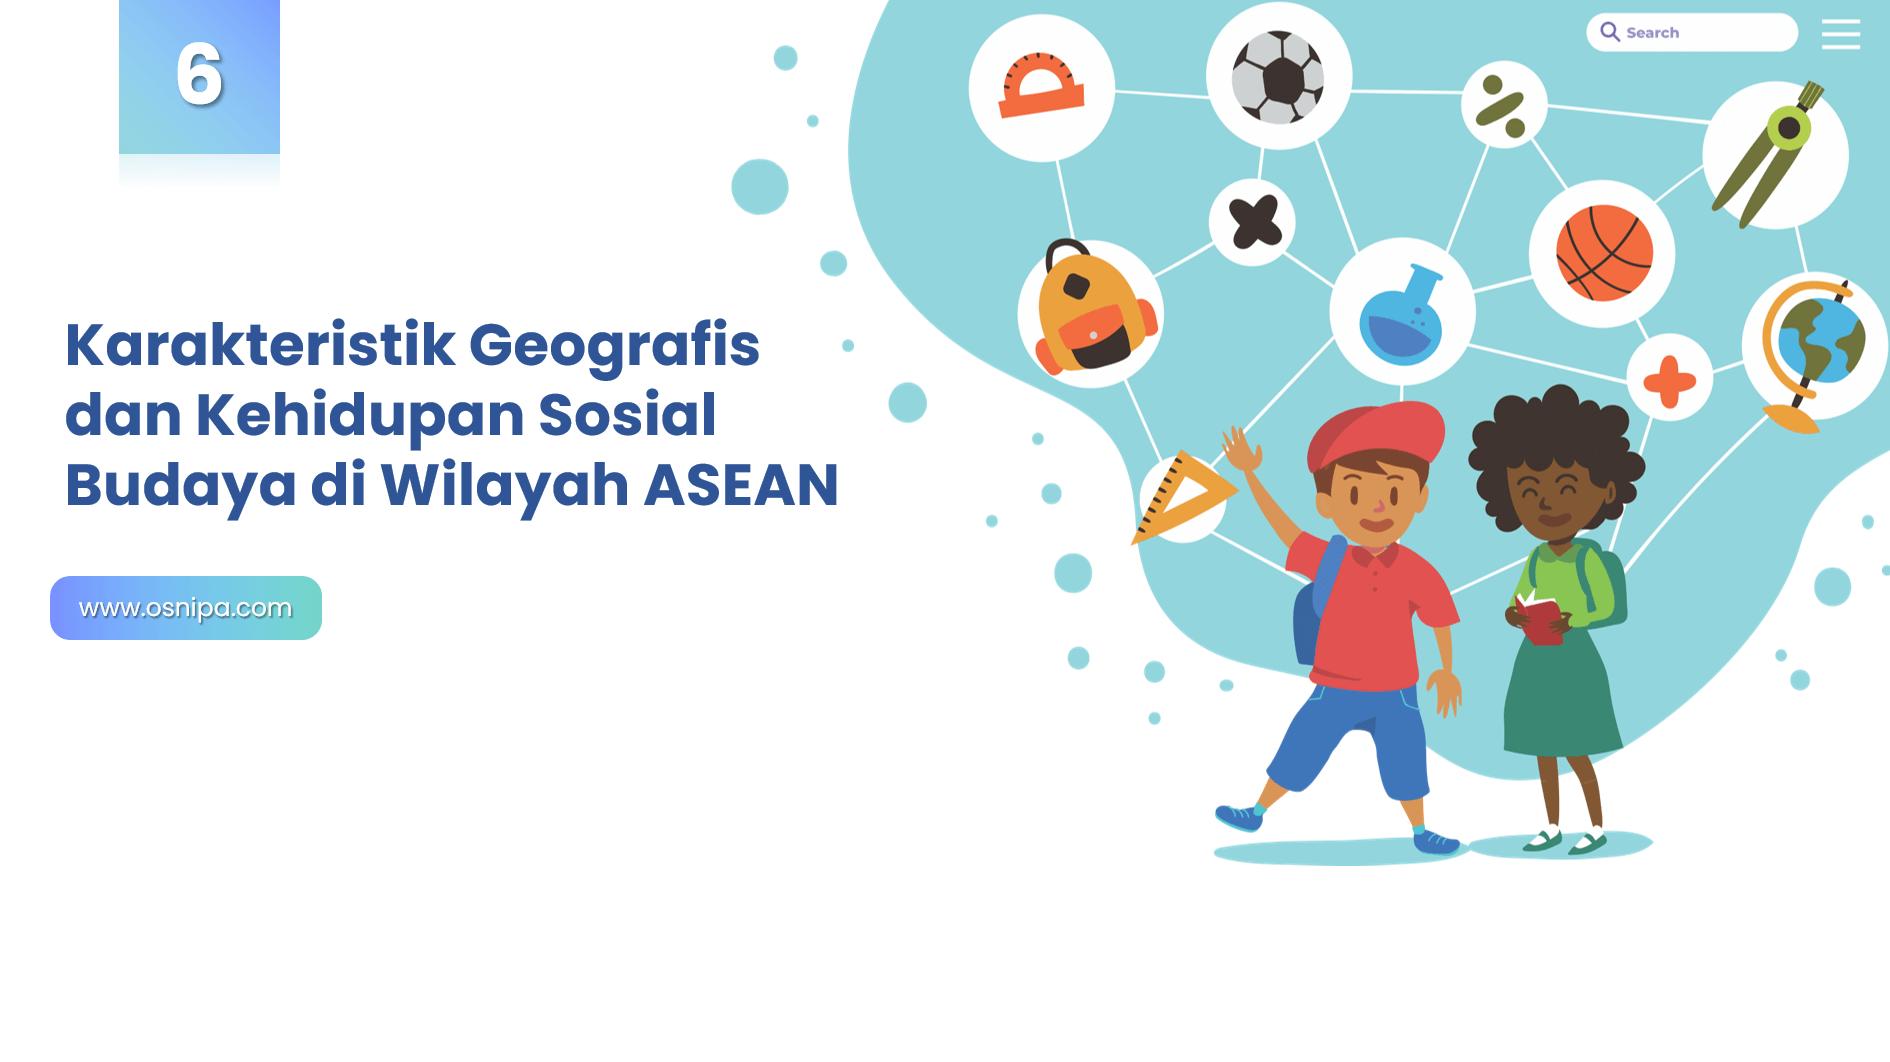 Karakteristik Geografis dan Kehidupan Sosial Budaya di Wilayah ASEAN